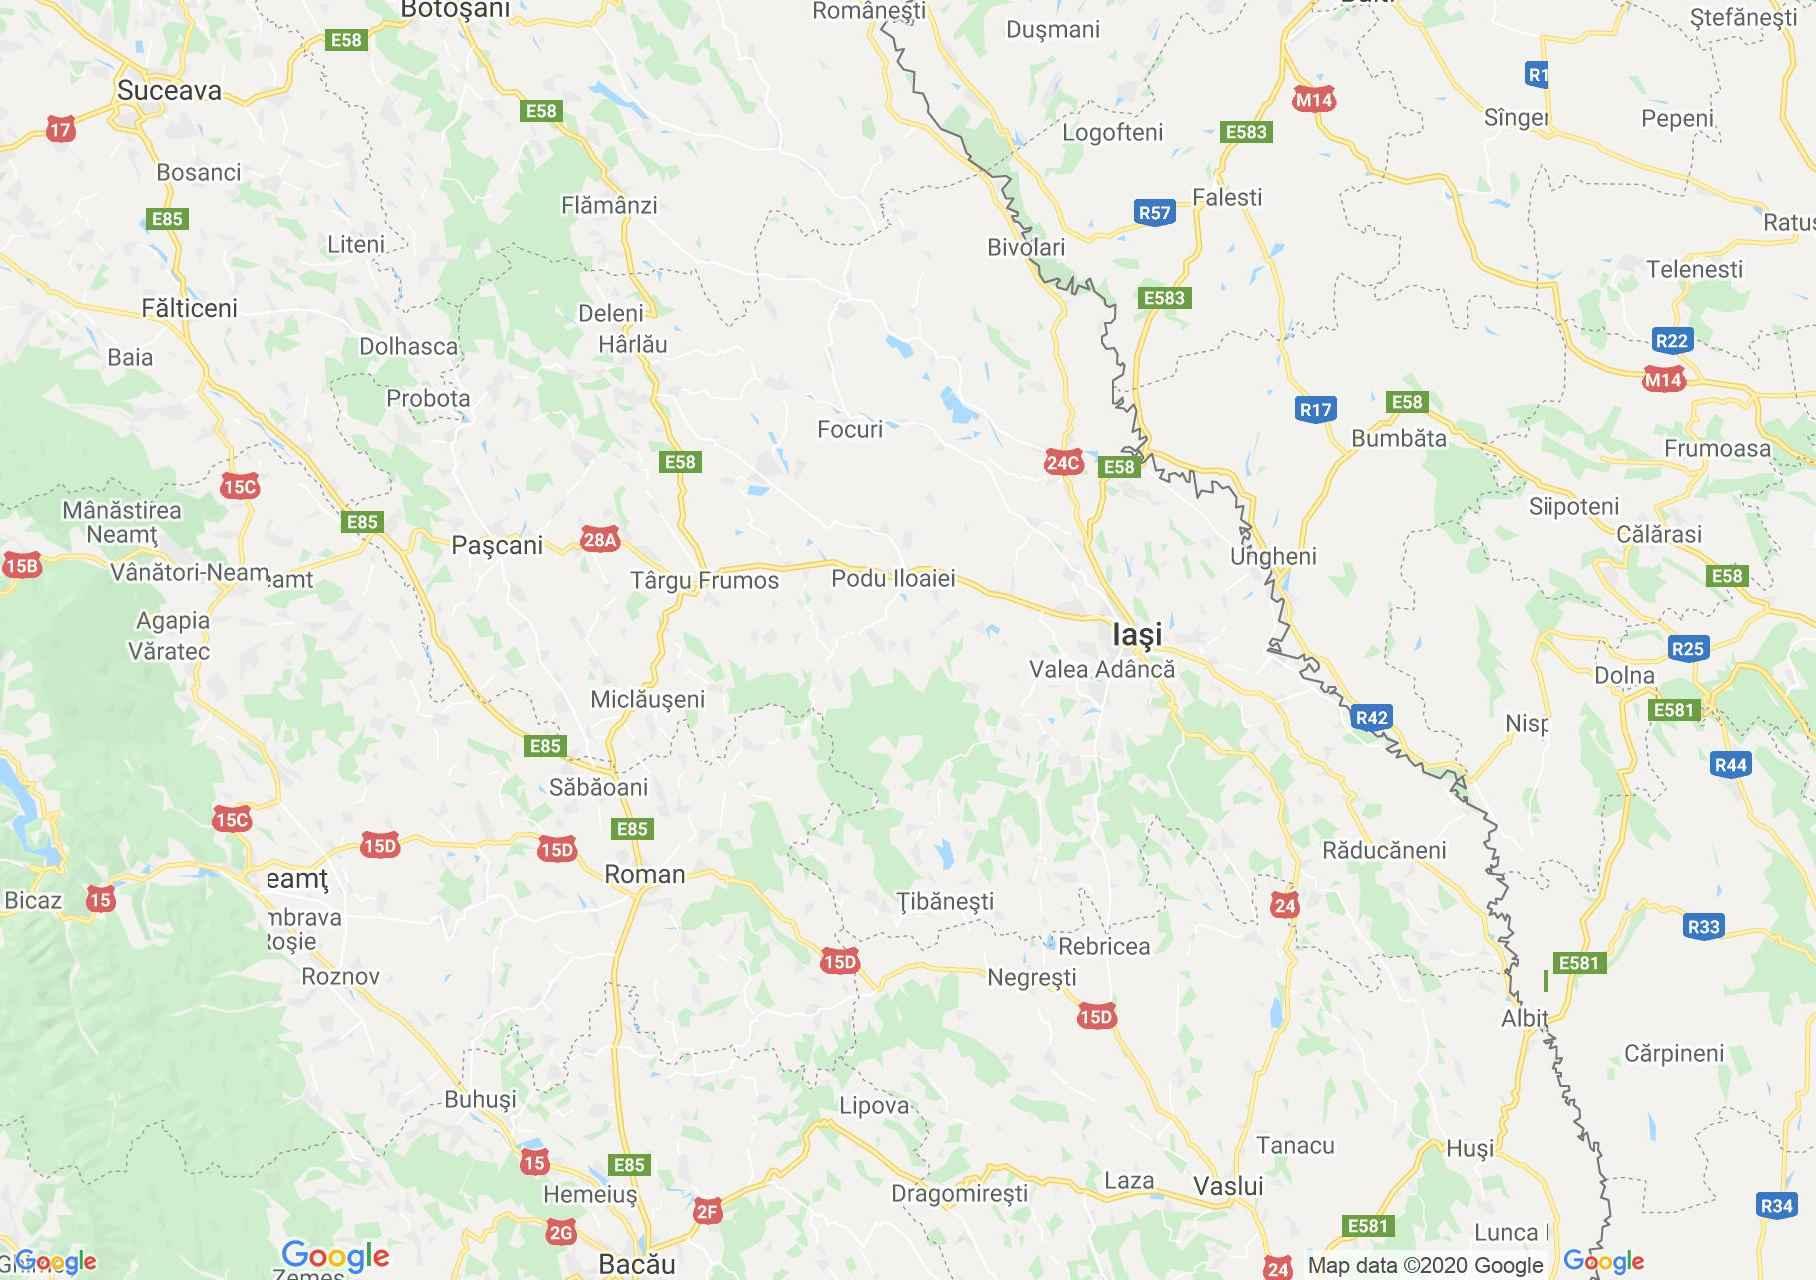 Judeţul Iaşi: (Iași), Harta turistică interactivă